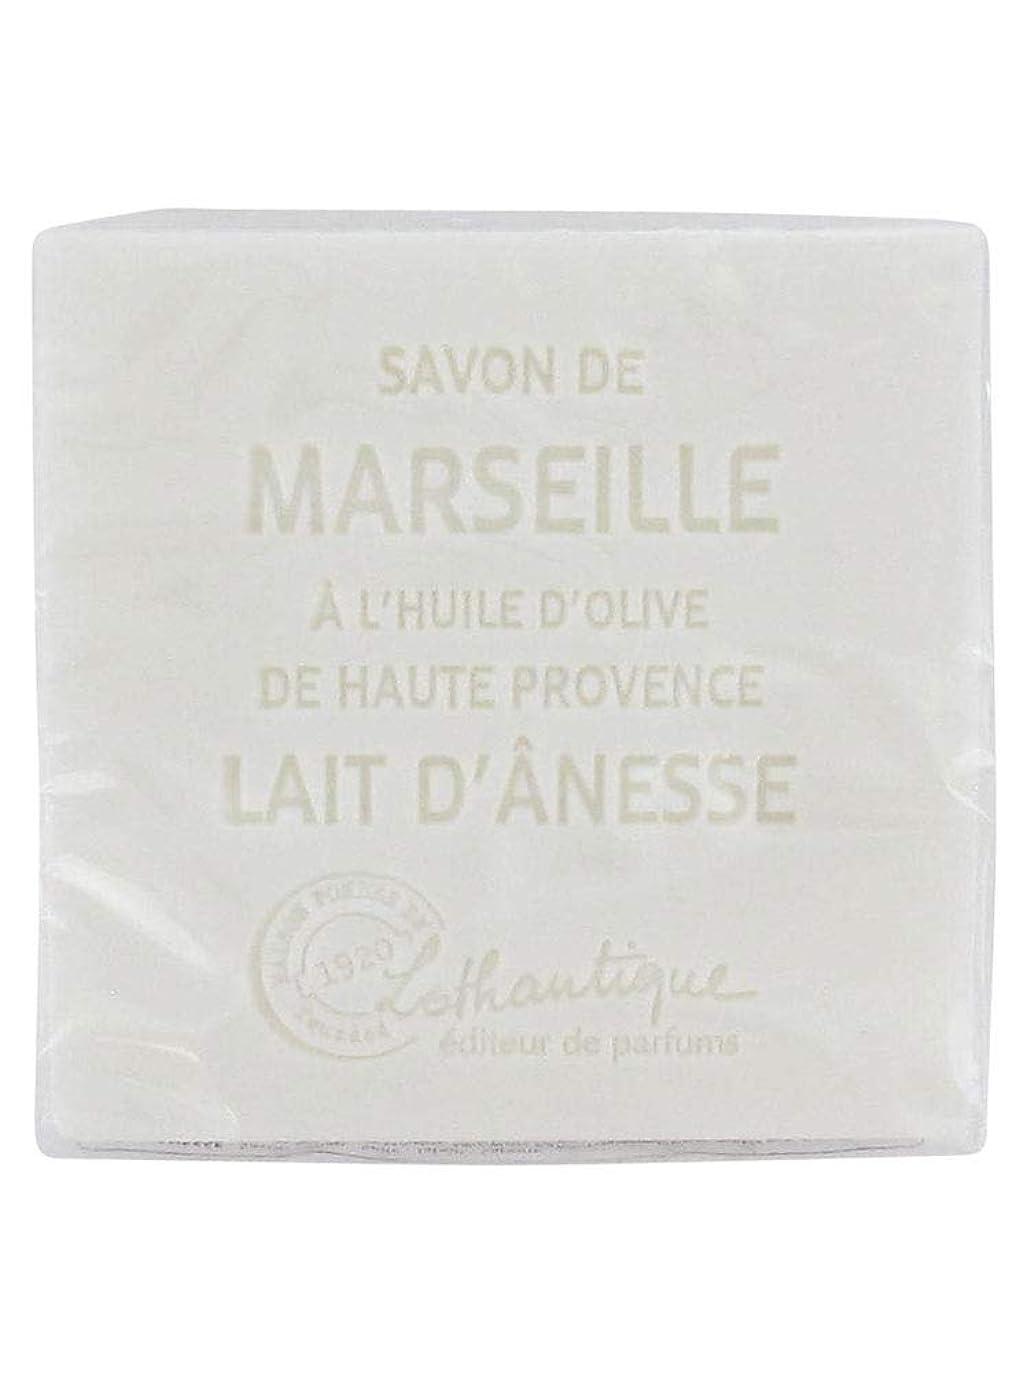 一過性カフェ再集計Lothantique(ロタンティック) Les savons de Marseille(マルセイユソープ) マルセイユソープ 100g 「ミルク(ロバミルク)」 3420070038043